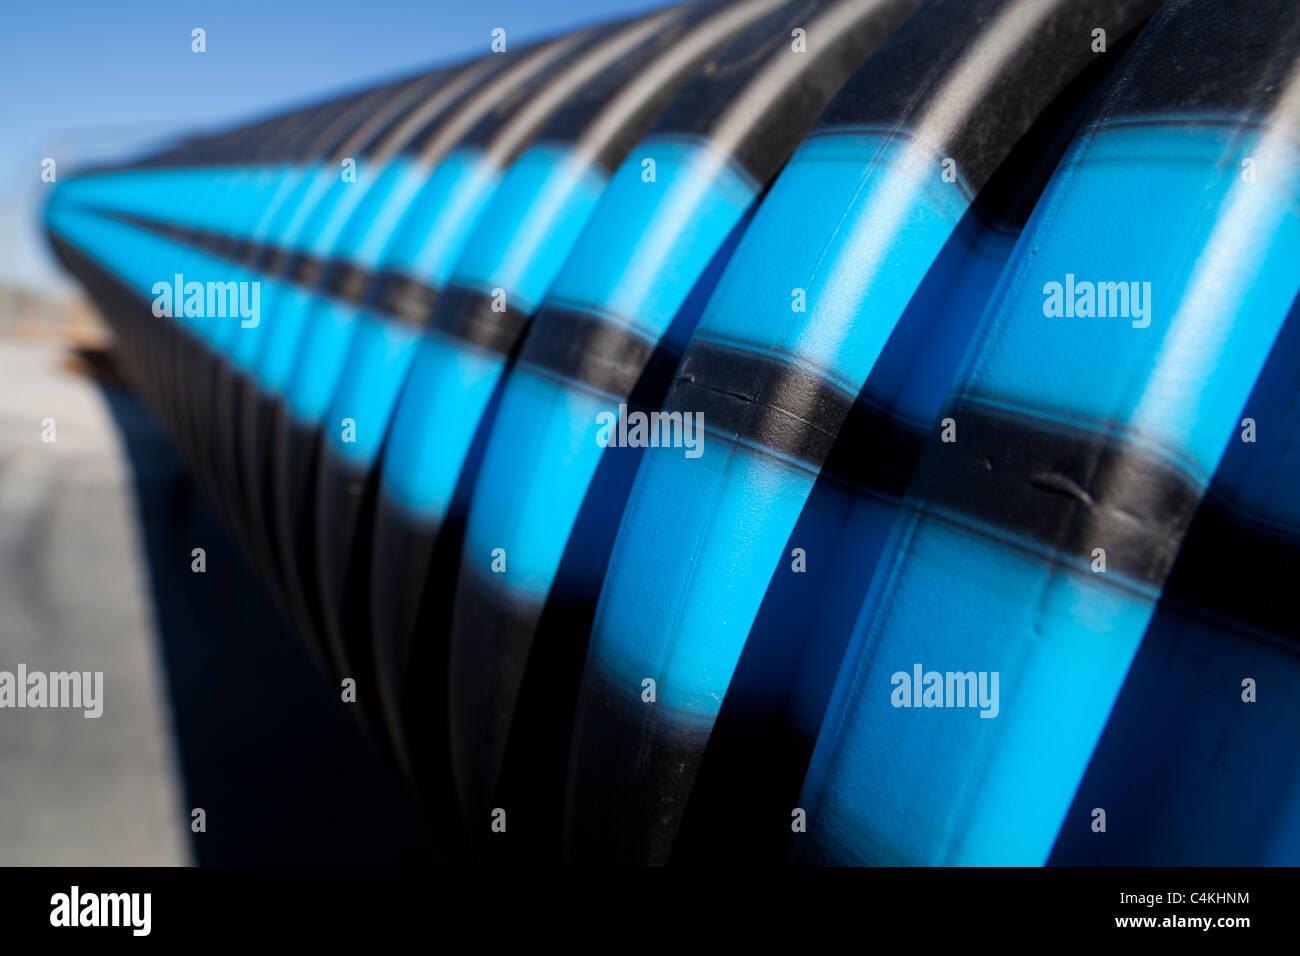 Le bleu et rayures noires sur l'eau de surface du tuyau PVC cannelé Photo Stock